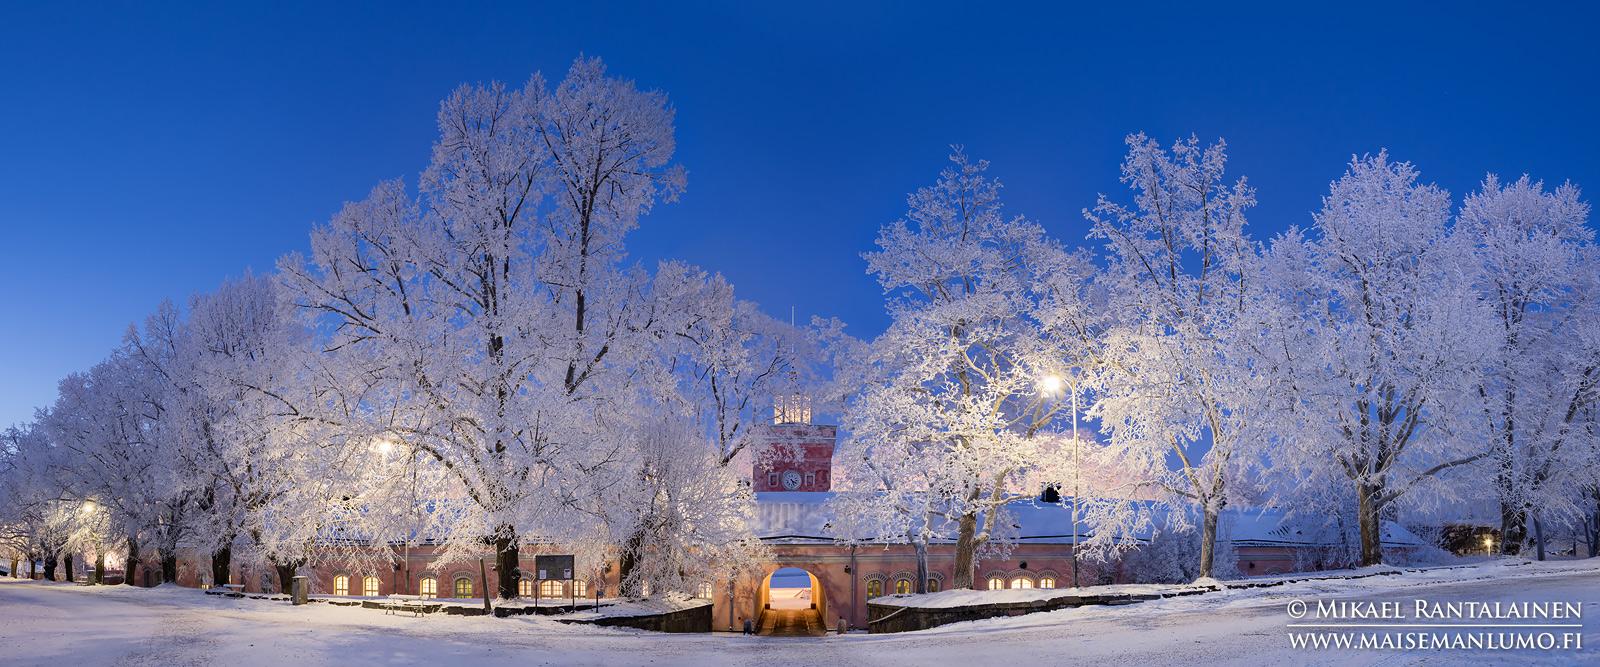 Rantakasarmi ja huurteiset puut, Suomenlinna, Helsinki (HP150)